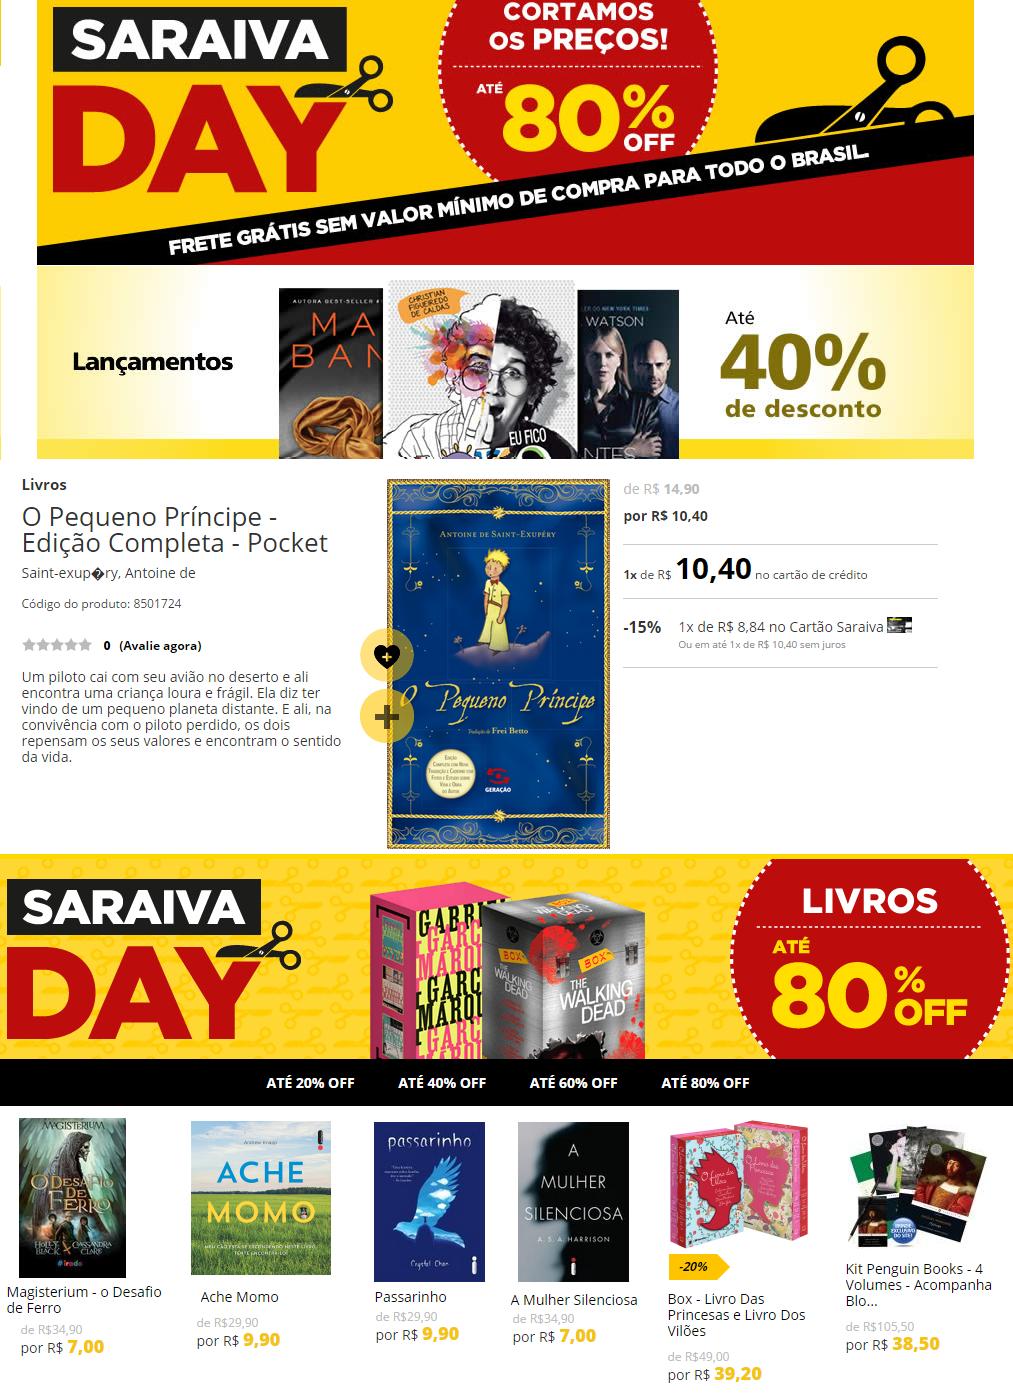 Ofertas Saraiva Day_28-02